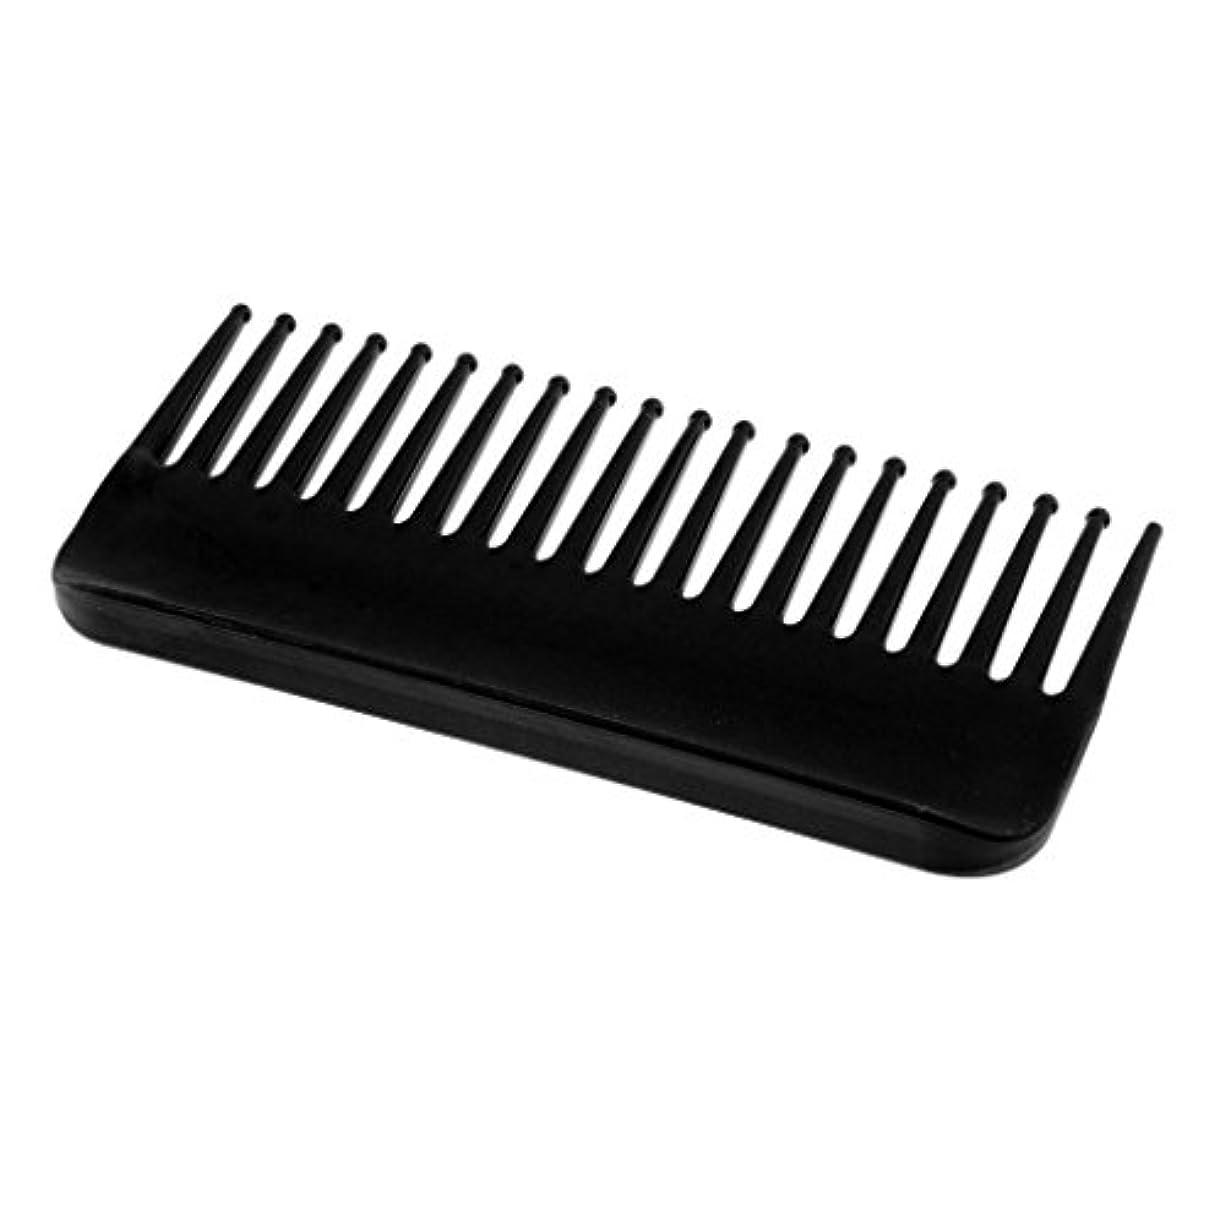 容器土困惑ヘアコーム コーム くし 頭皮 マッサージ プラスチック性 ヘアスタイリング 4色選べる - ブラック